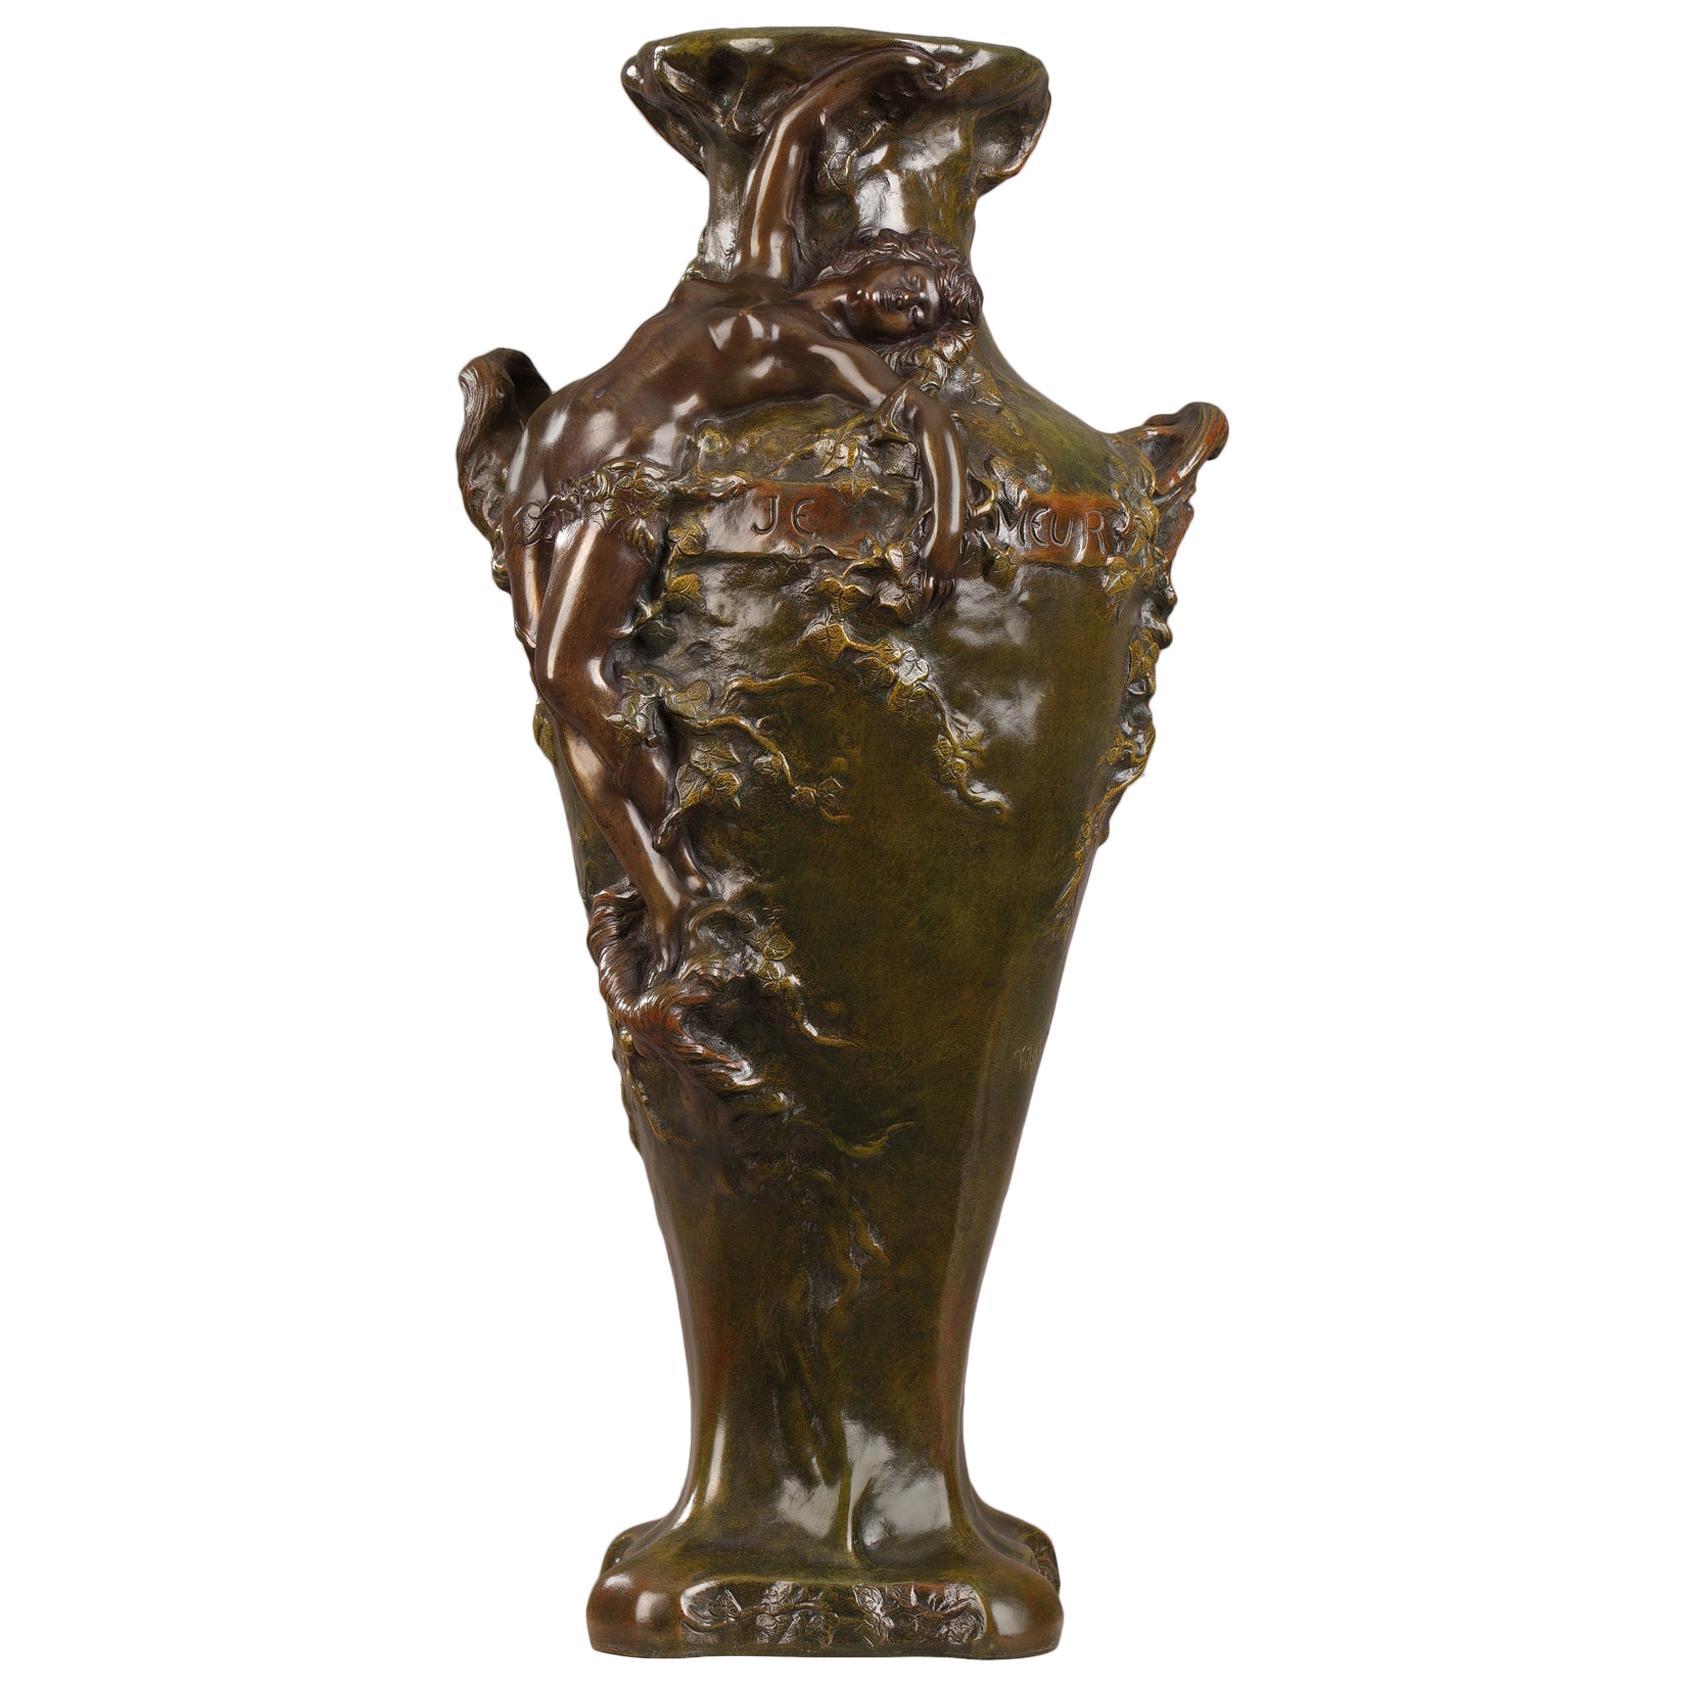 Late 19th Century Art Nouveau Bronze Vase by Marcel Debut